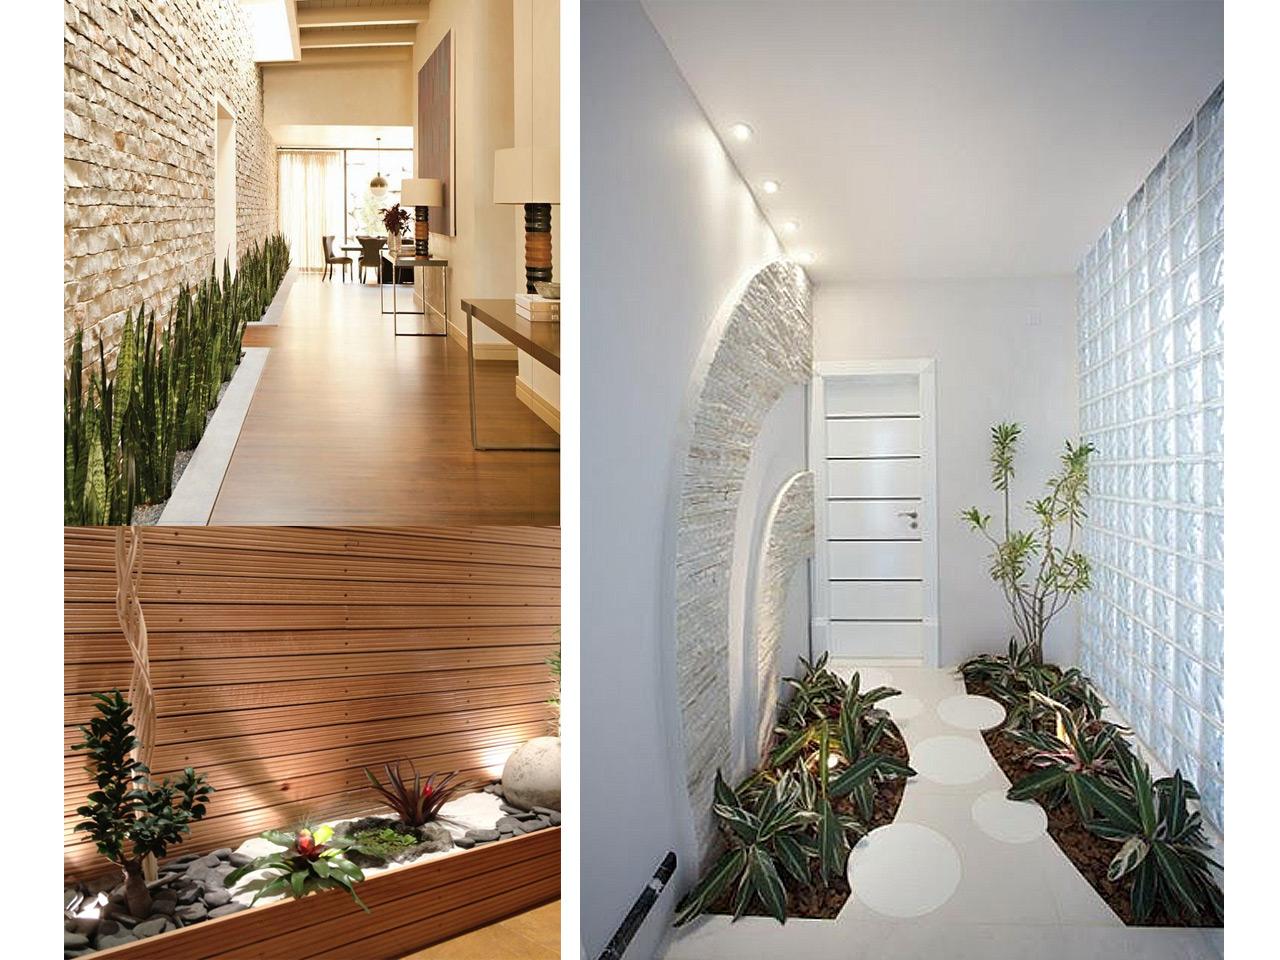 Tus 7 inspiraciones de decoraci n de terrazas interiores - Fotos patios interiores ...